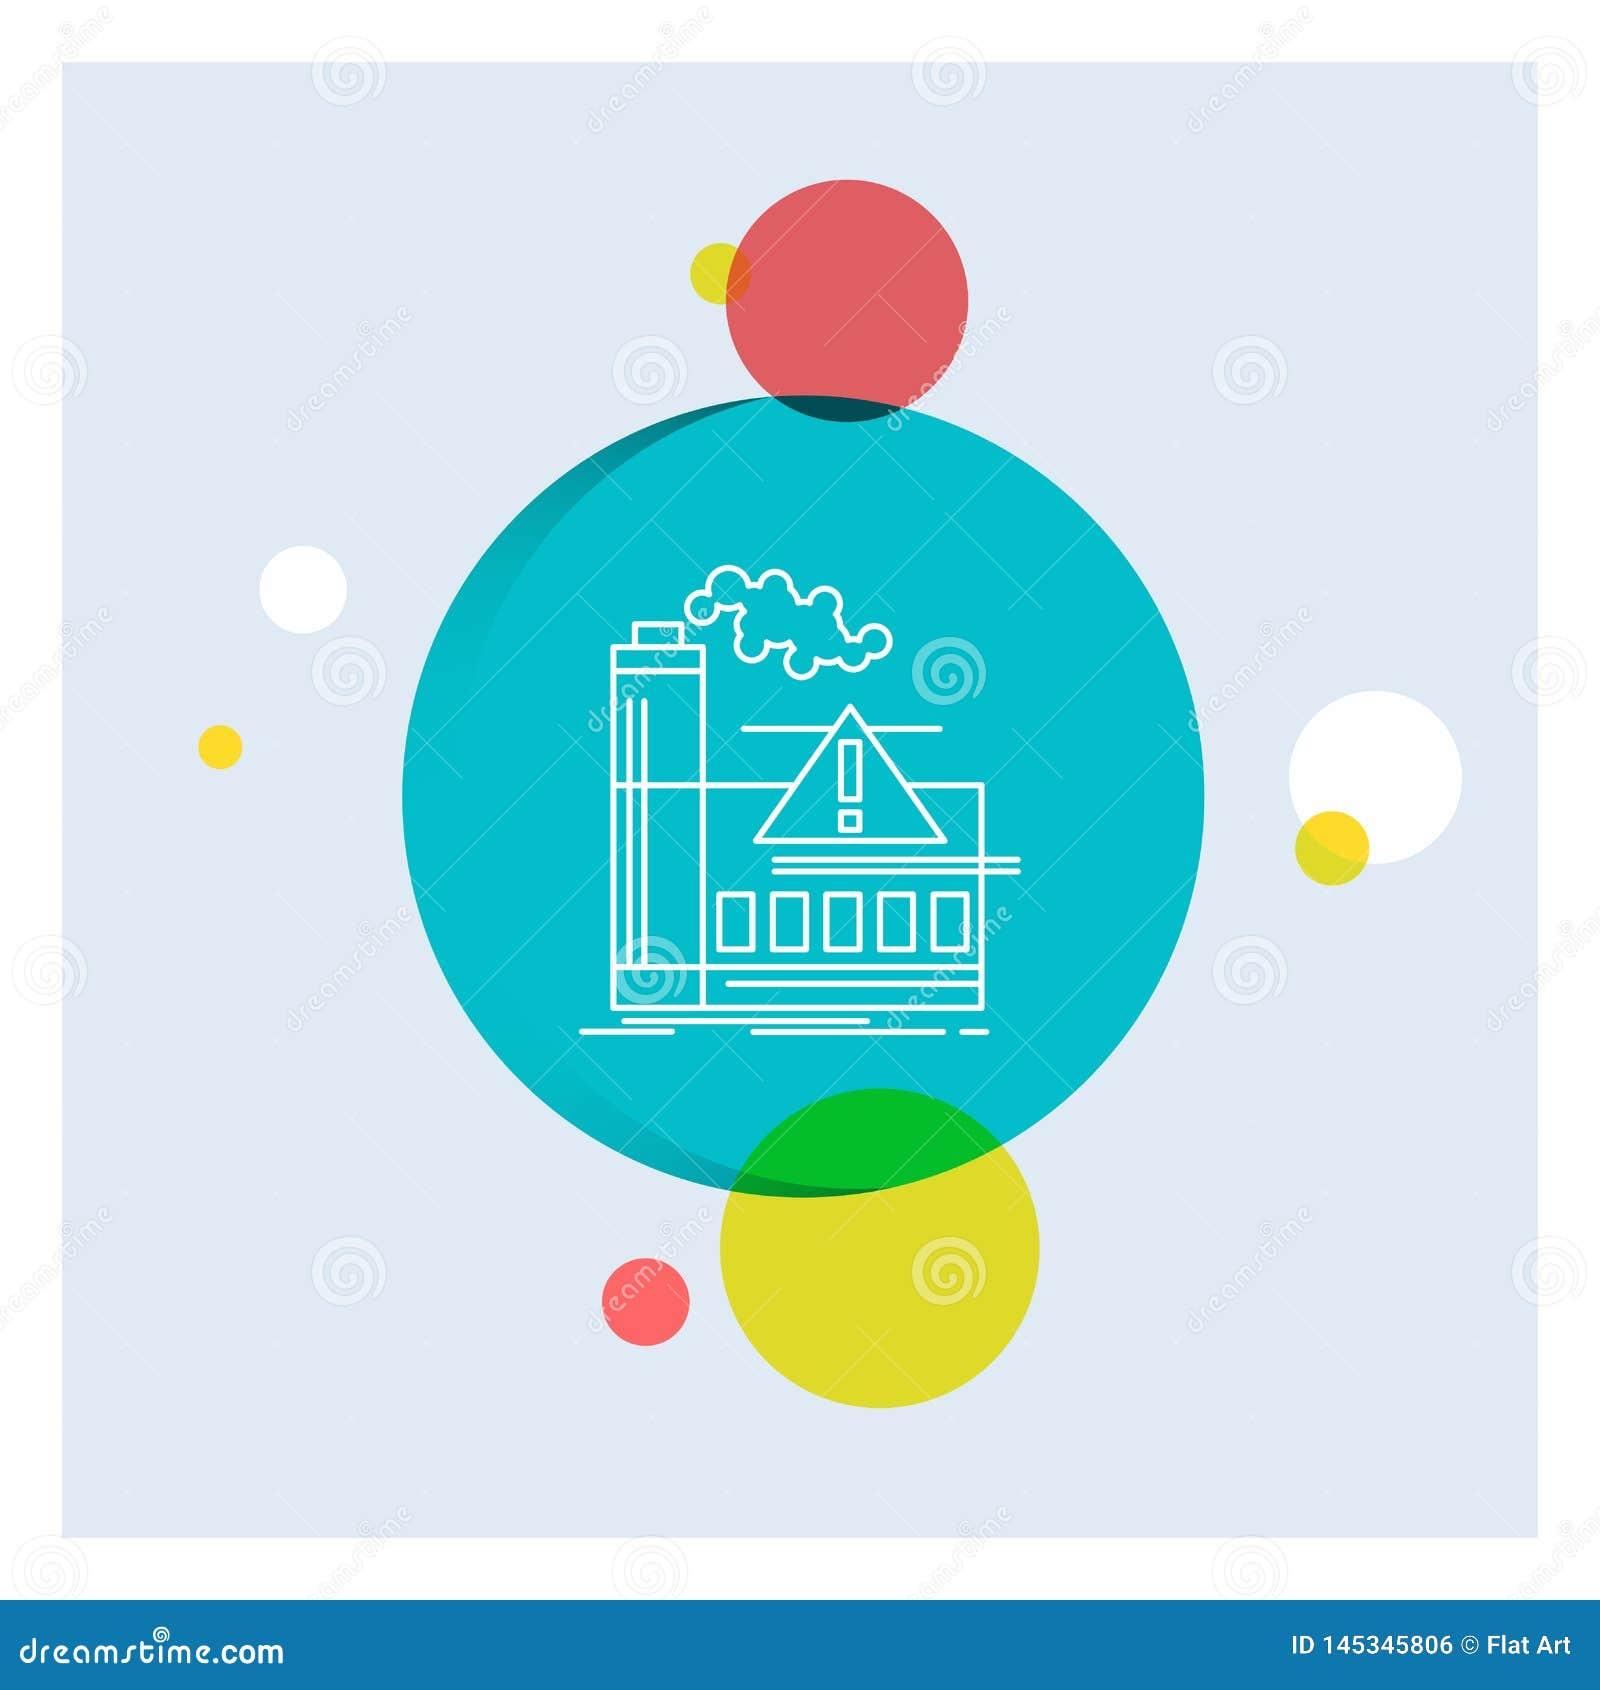 Poluição, fábrica, ar, alerta, linha branca fundo colorido da indústria do círculo do ícone